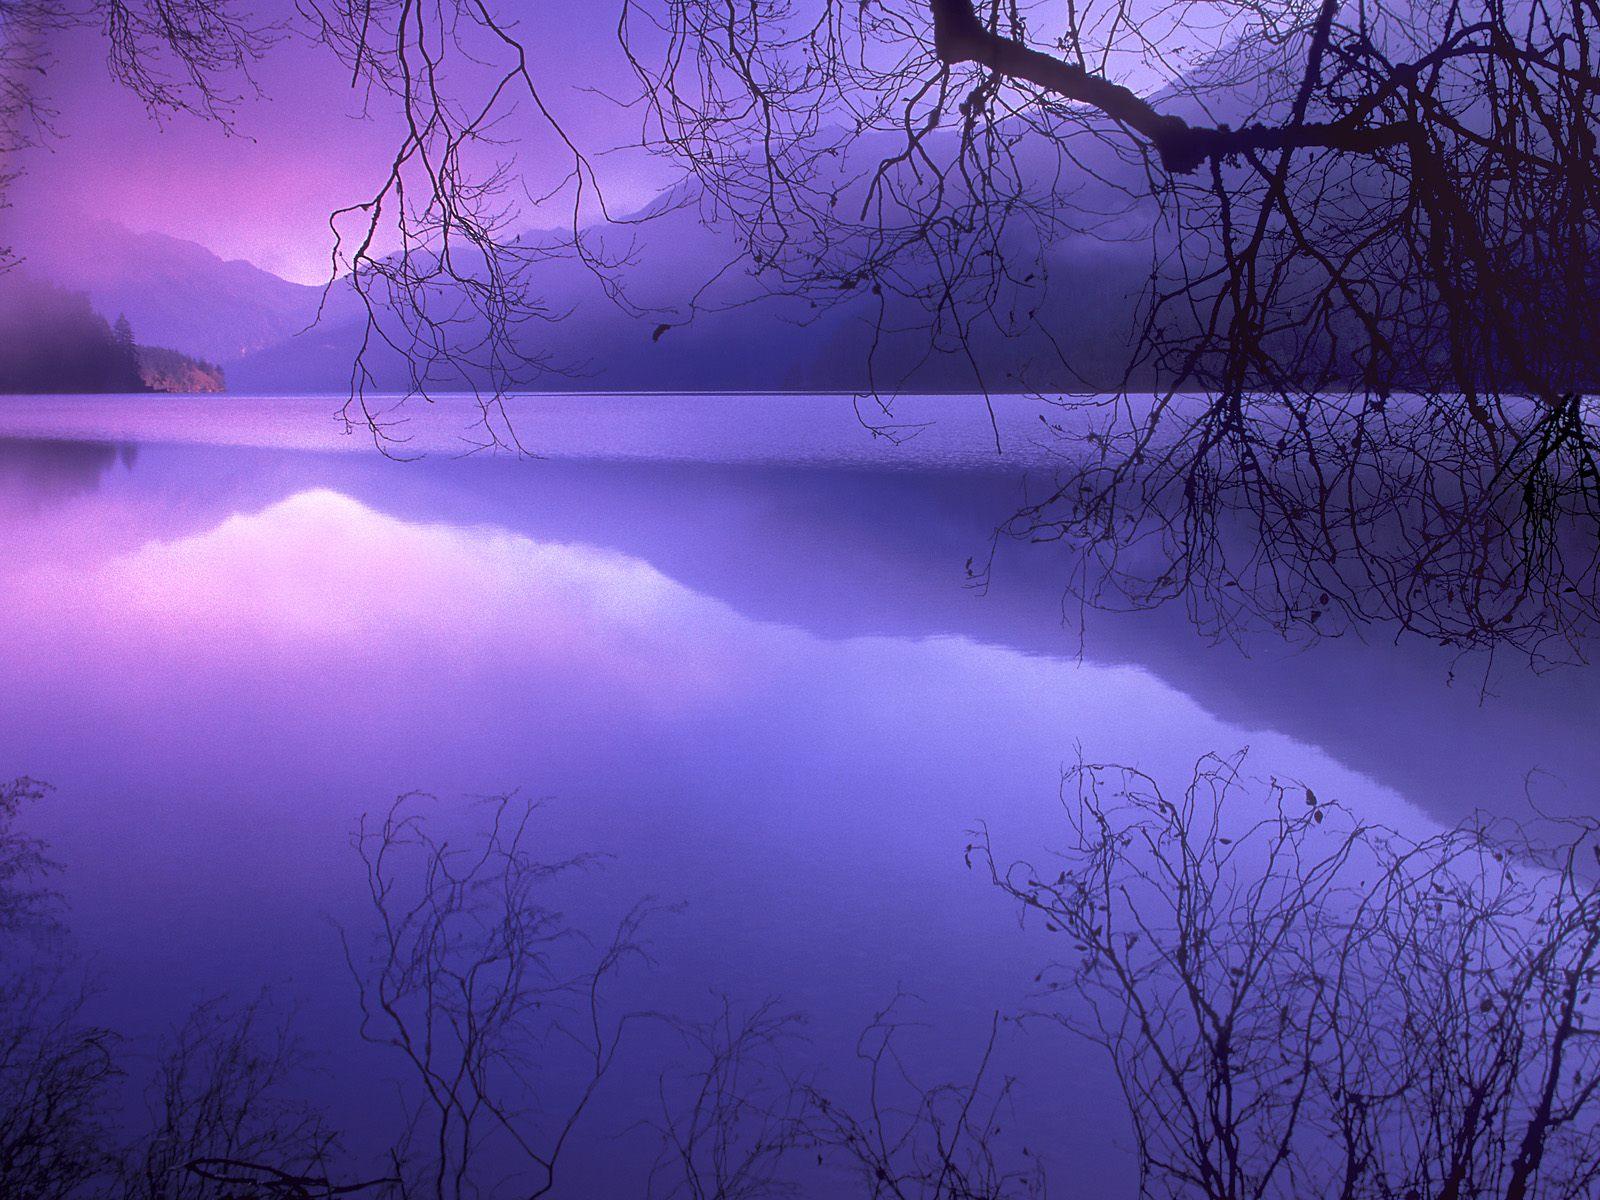 http://1.bp.blogspot.com/_ZU9DzPvmpYI/SrpcMgfCn3I/AAAAAAAAABs/DiM99gken4A/s1600/purple_haze_over_lake_crescent__olympic_national_park__washington.jpg